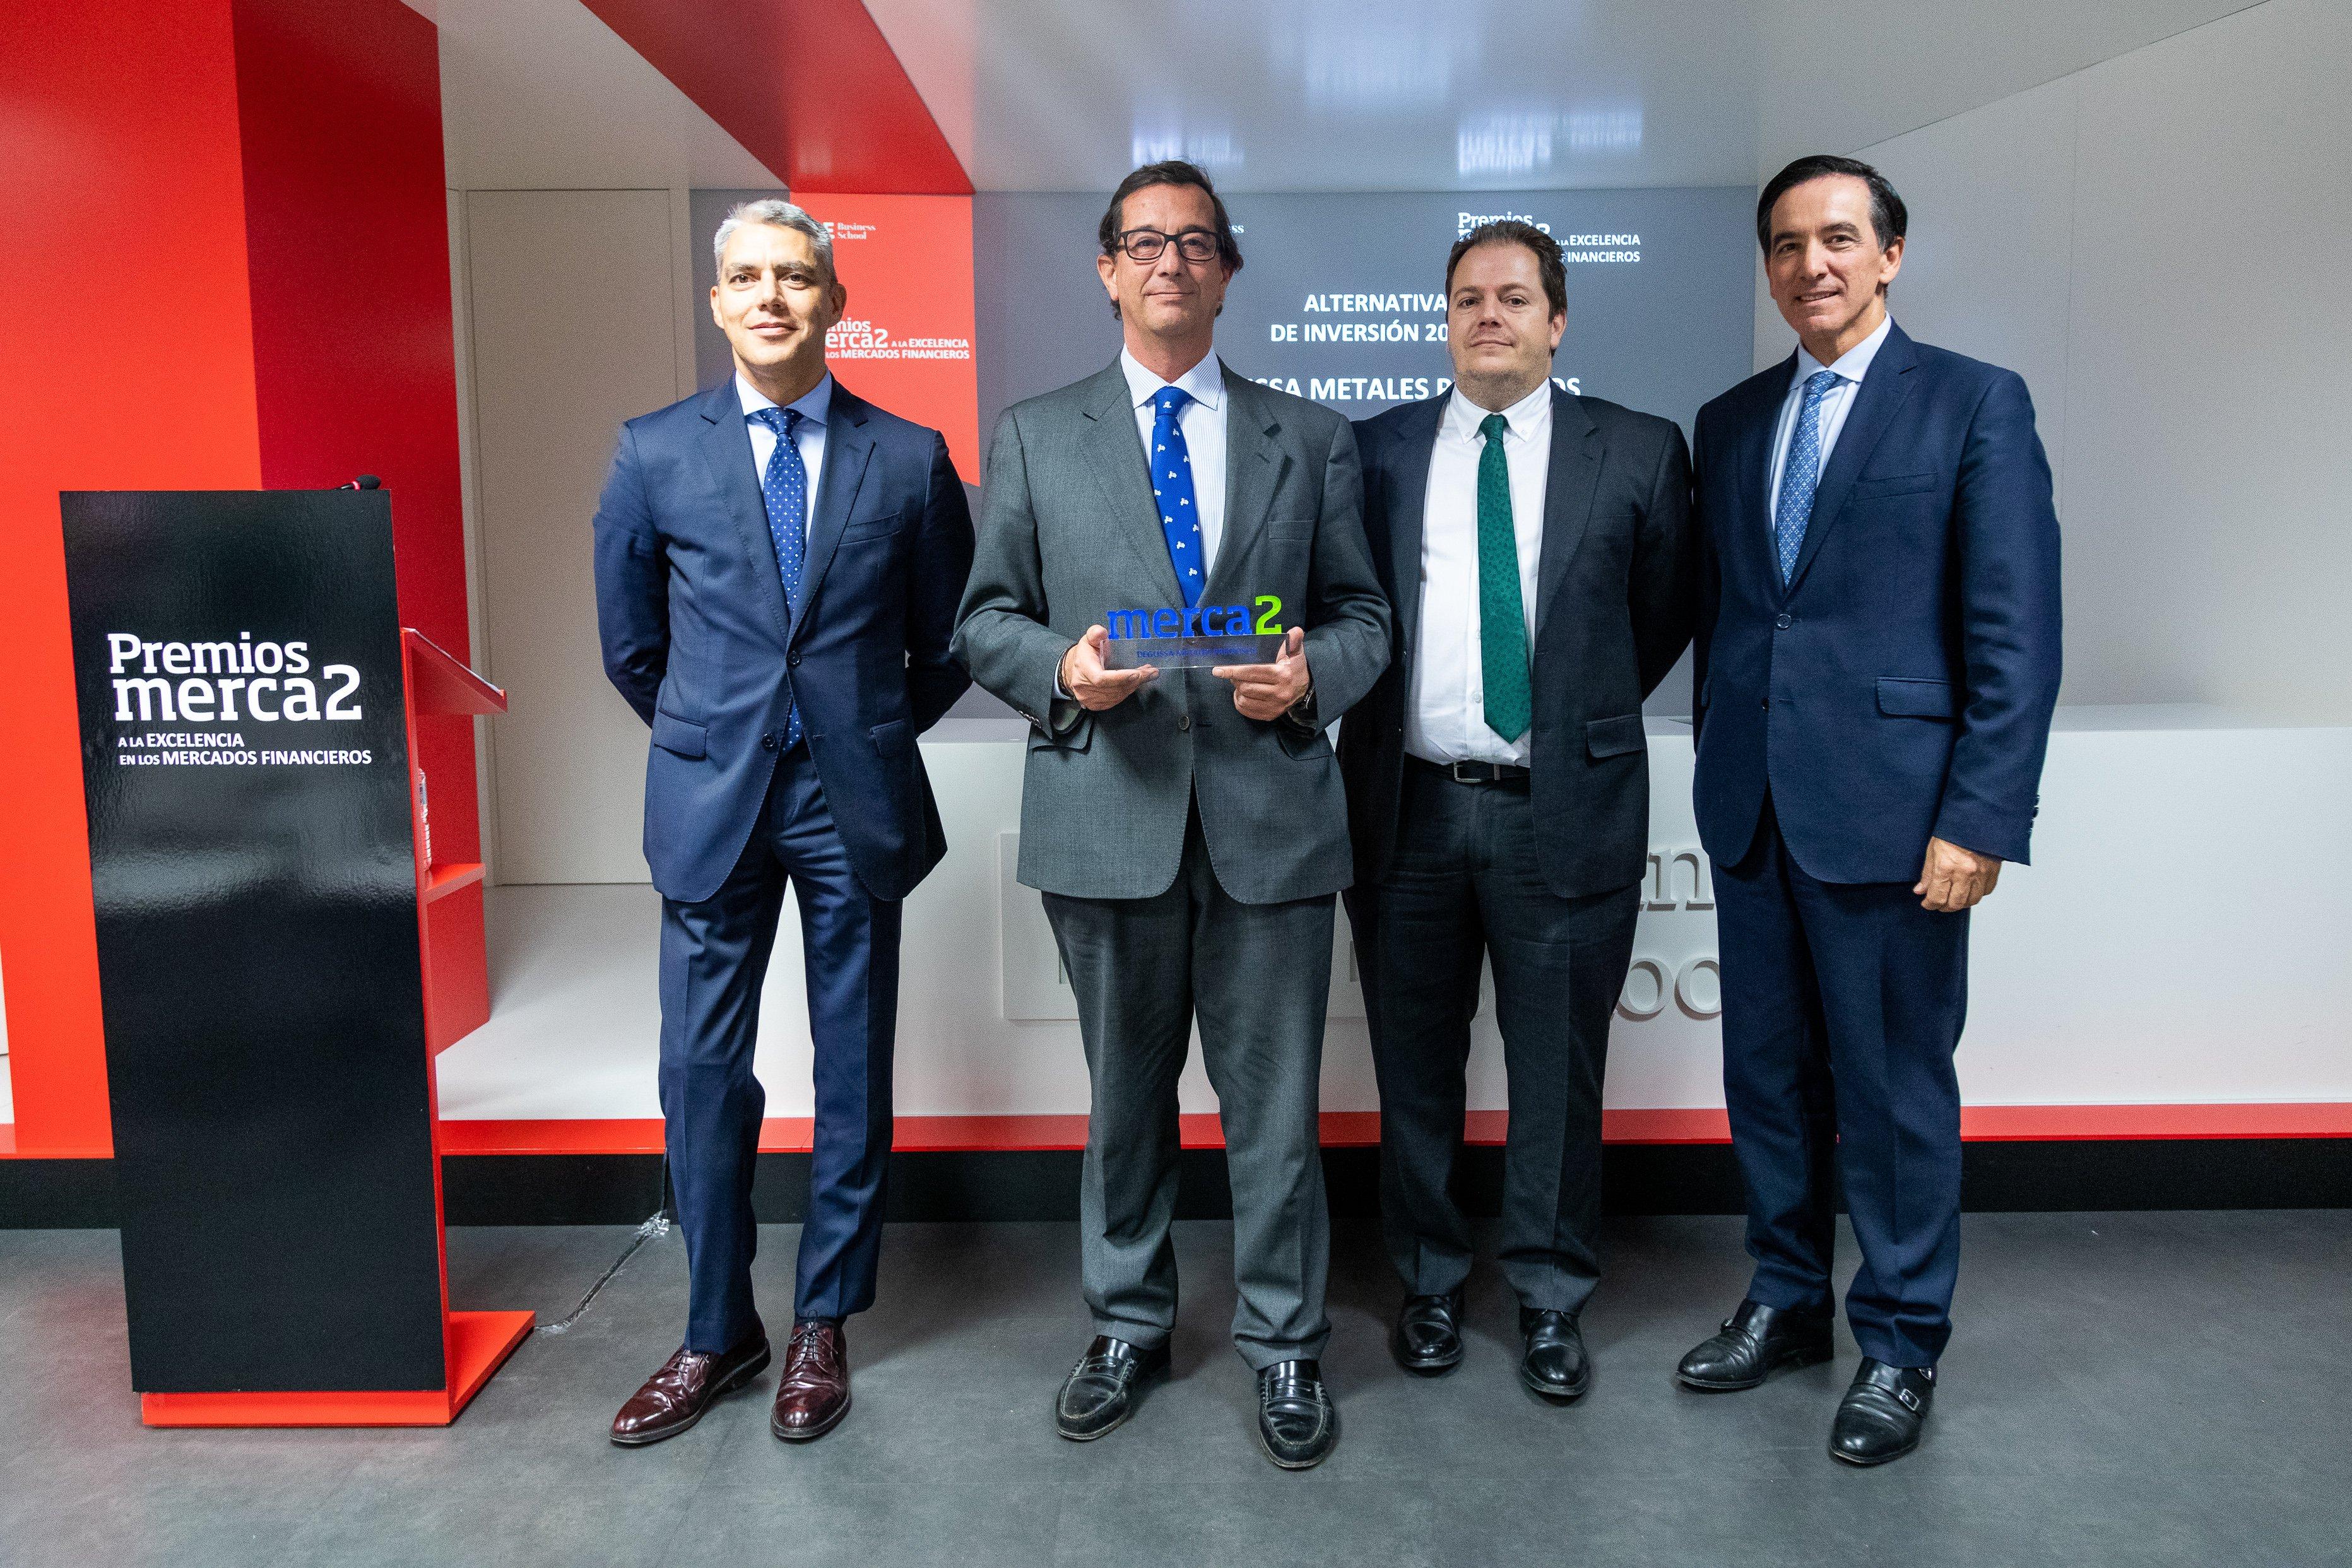 Premios Merca2.es a la Alternativa de Inversion 2019